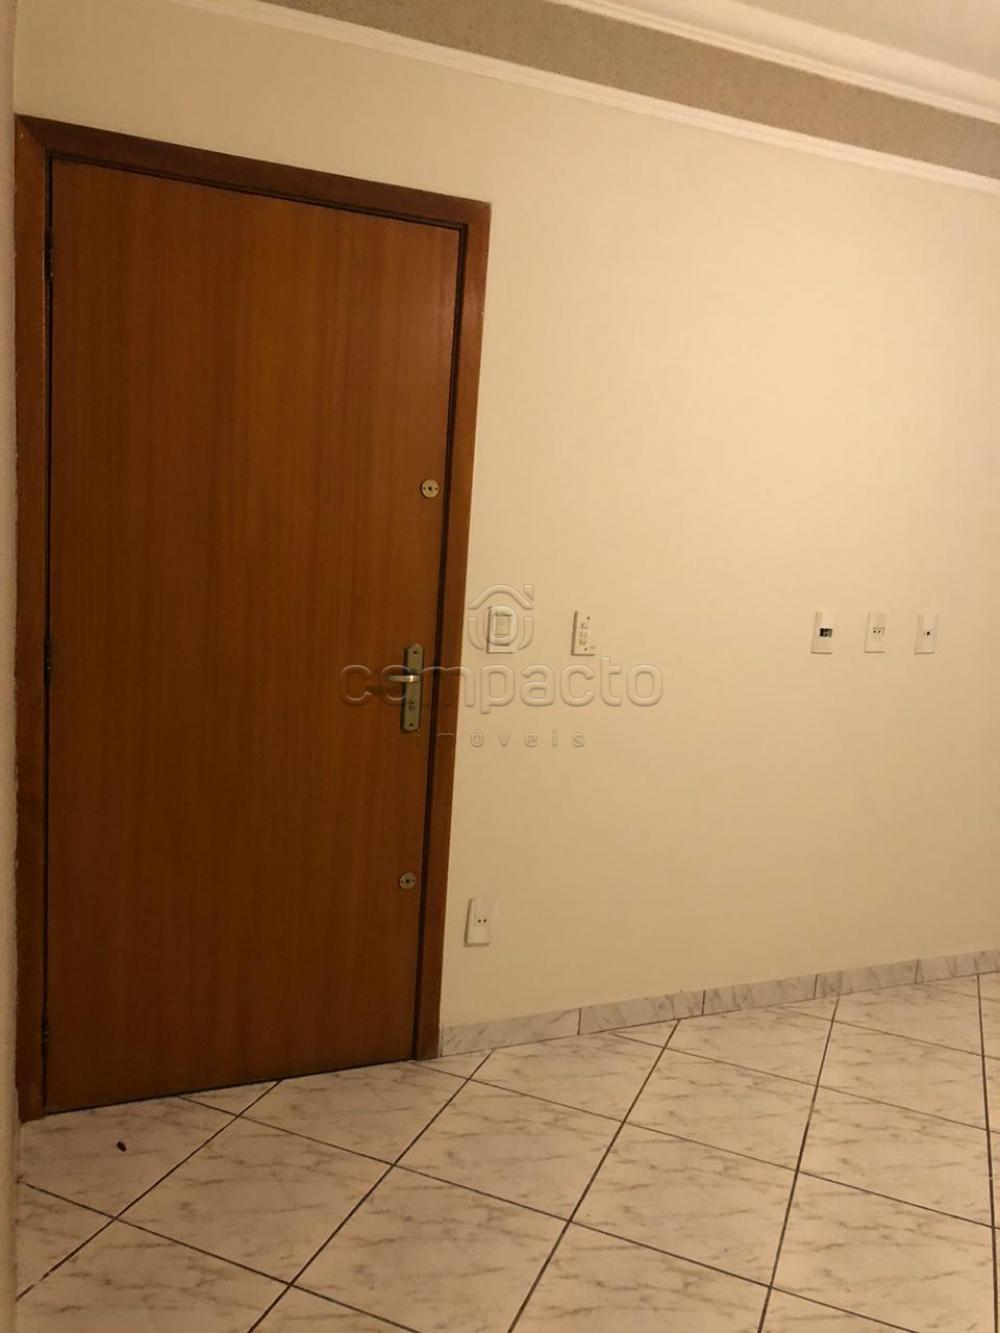 Comprar Casa / Padrão em Mirassol apenas R$ 275.000,00 - Foto 4